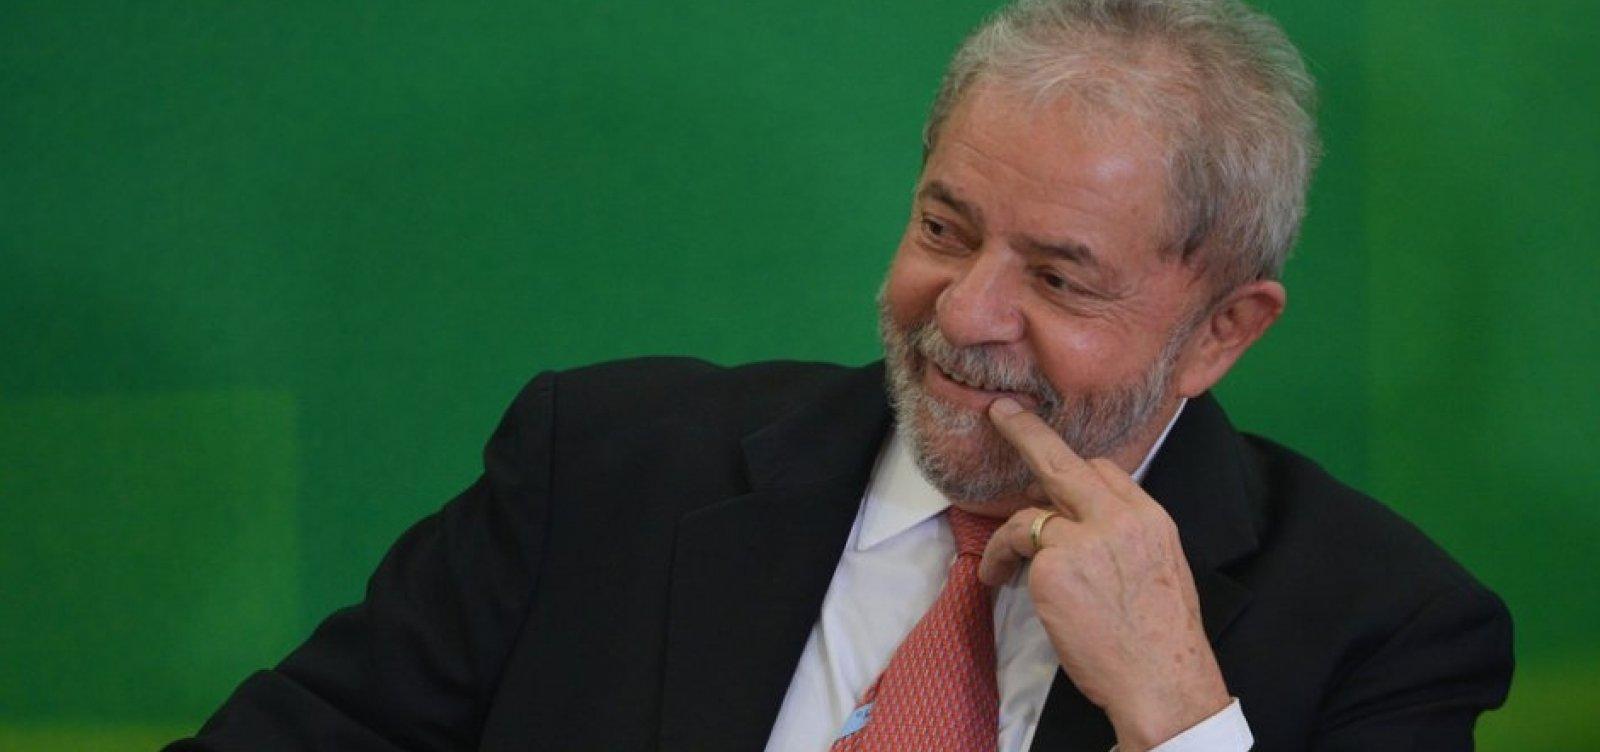 [Lula recebeu derrota de Haddad com tranquilidade, diz secretário do PT]